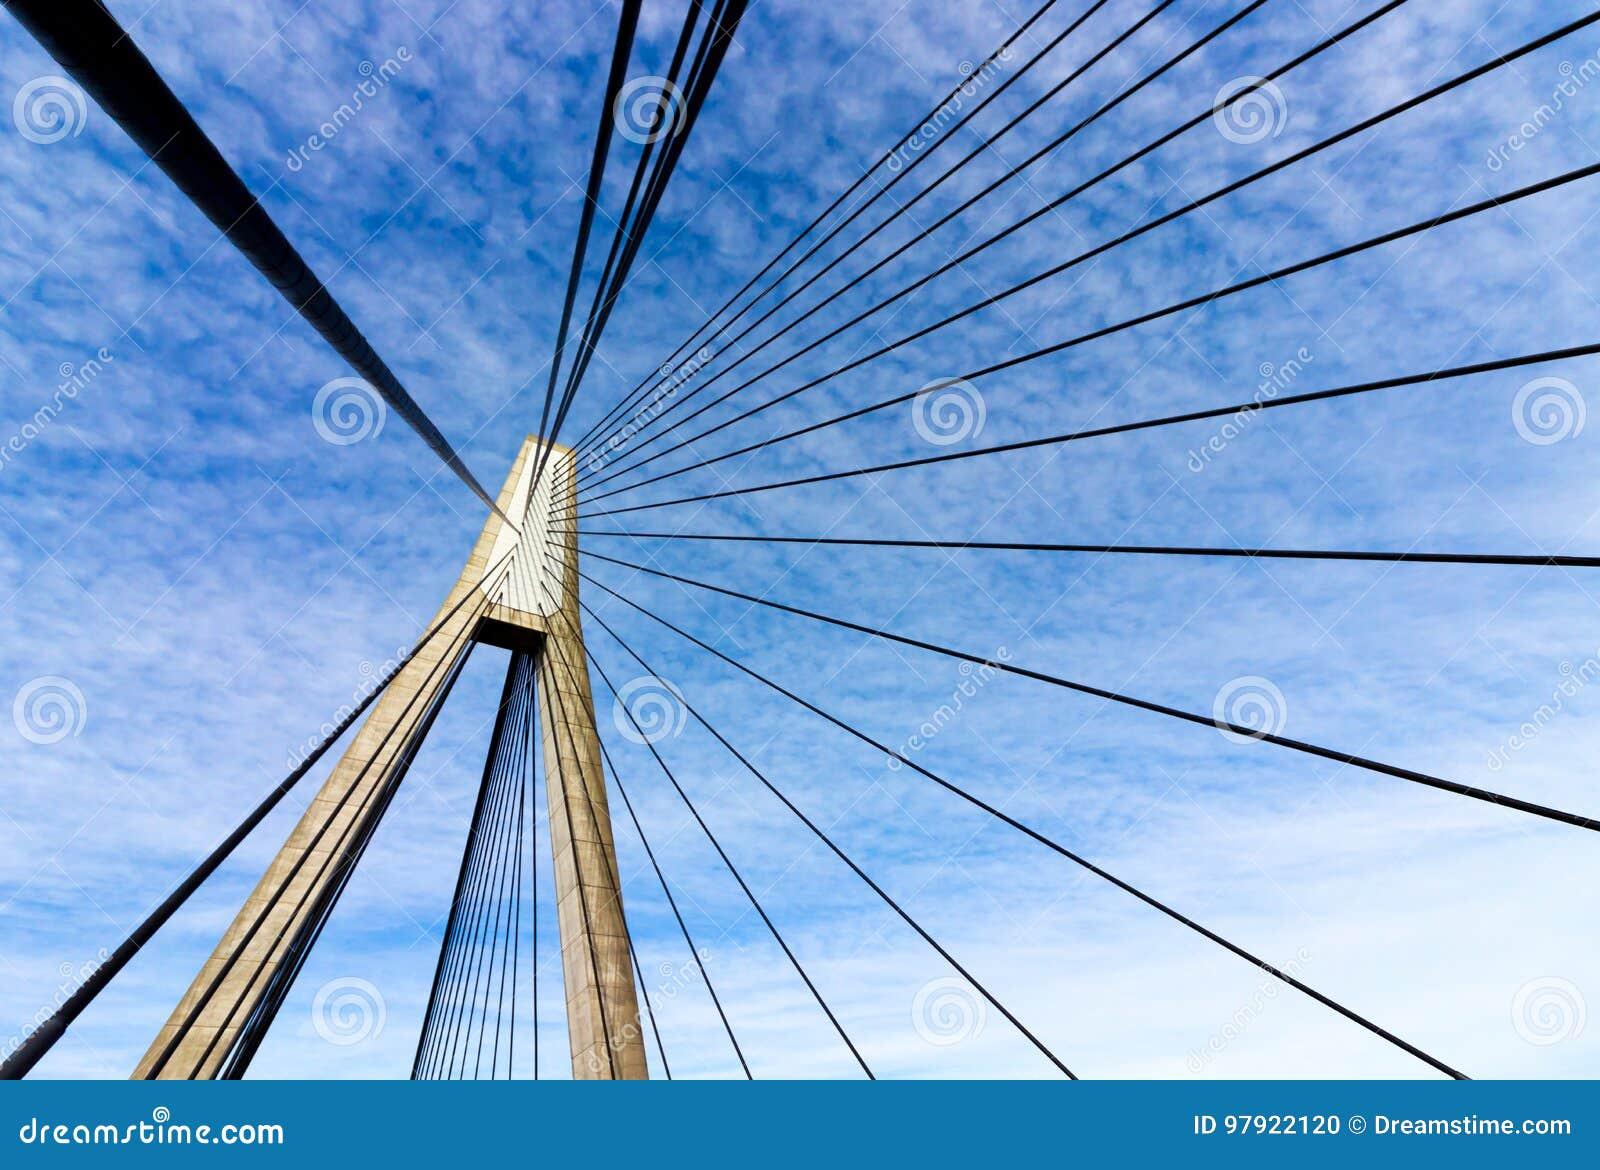 安扎克桥梁摘要几何定向塔和缆绳